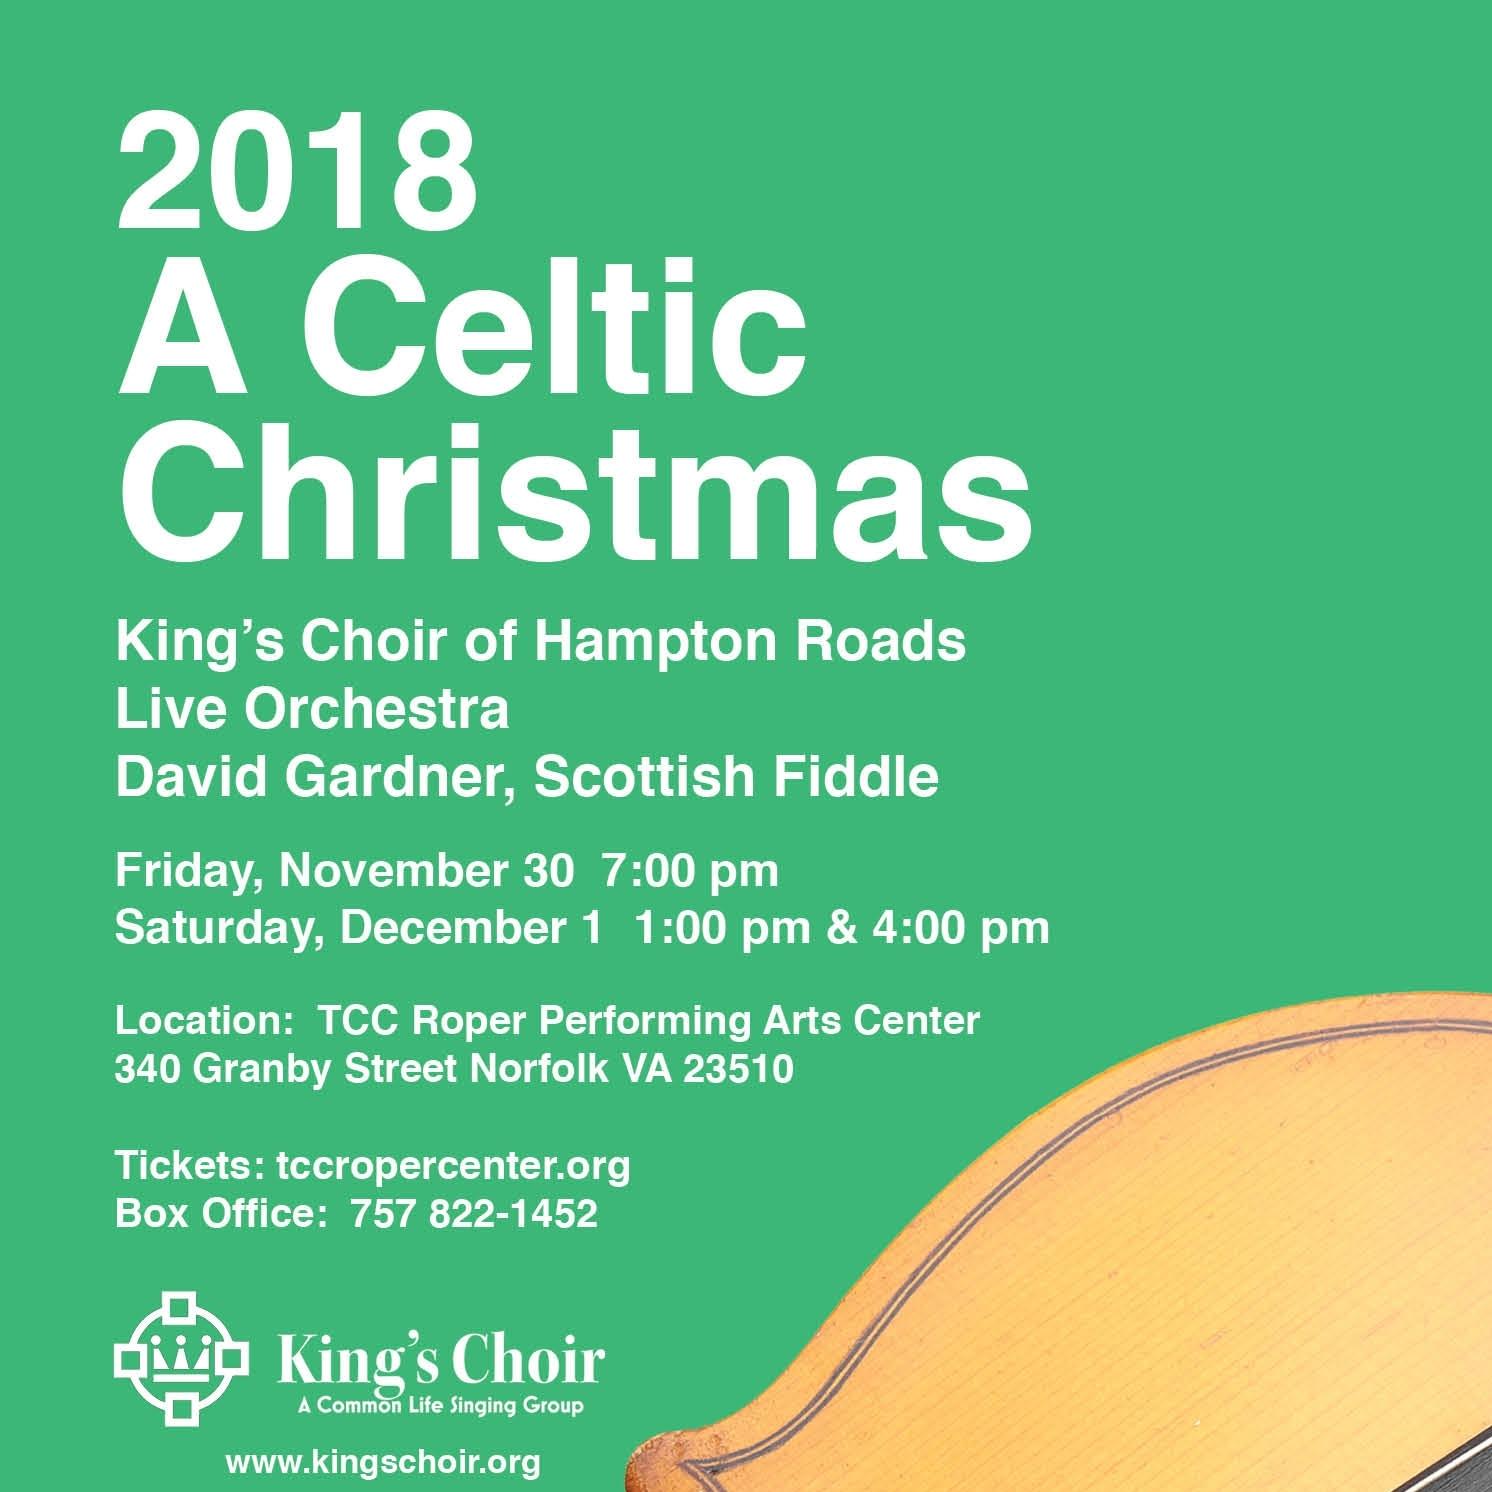 Celtic Christmas.A Celtic Christmas 2018 King S Choir